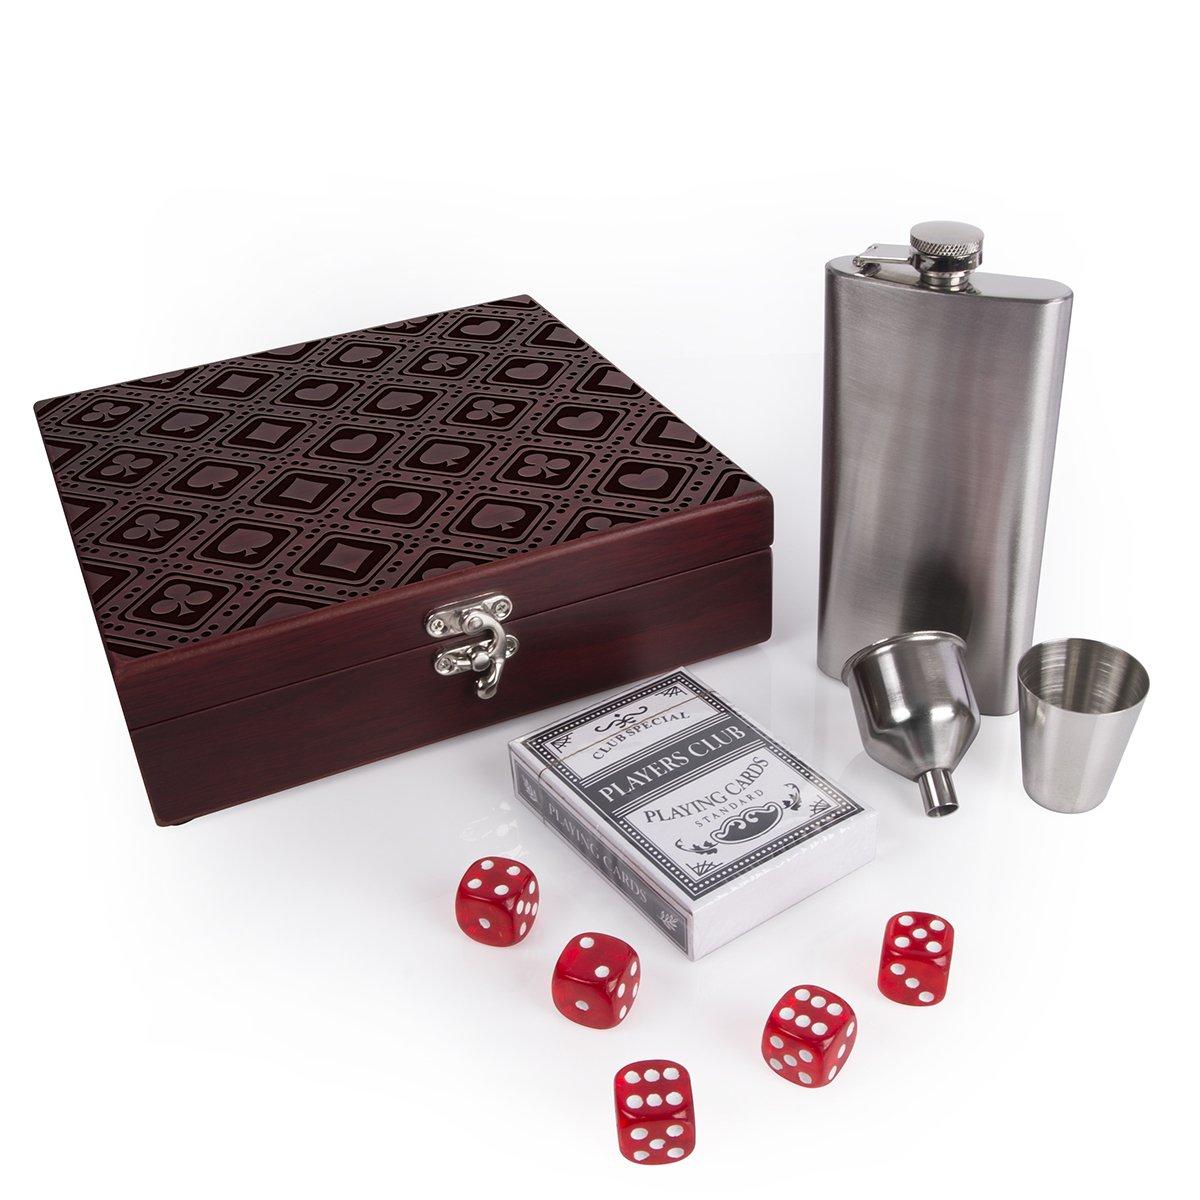 大人気新品 ラスベガスフラスコセットボックスwith Playingカード&カジノスタイルRolling Dices | Gamblerスタイル# t6 t6 1 B07DXCRXJJ マルチ Dices B07DXCRXJJ, 益田製茶:5ecc6531 --- a0267596.xsph.ru